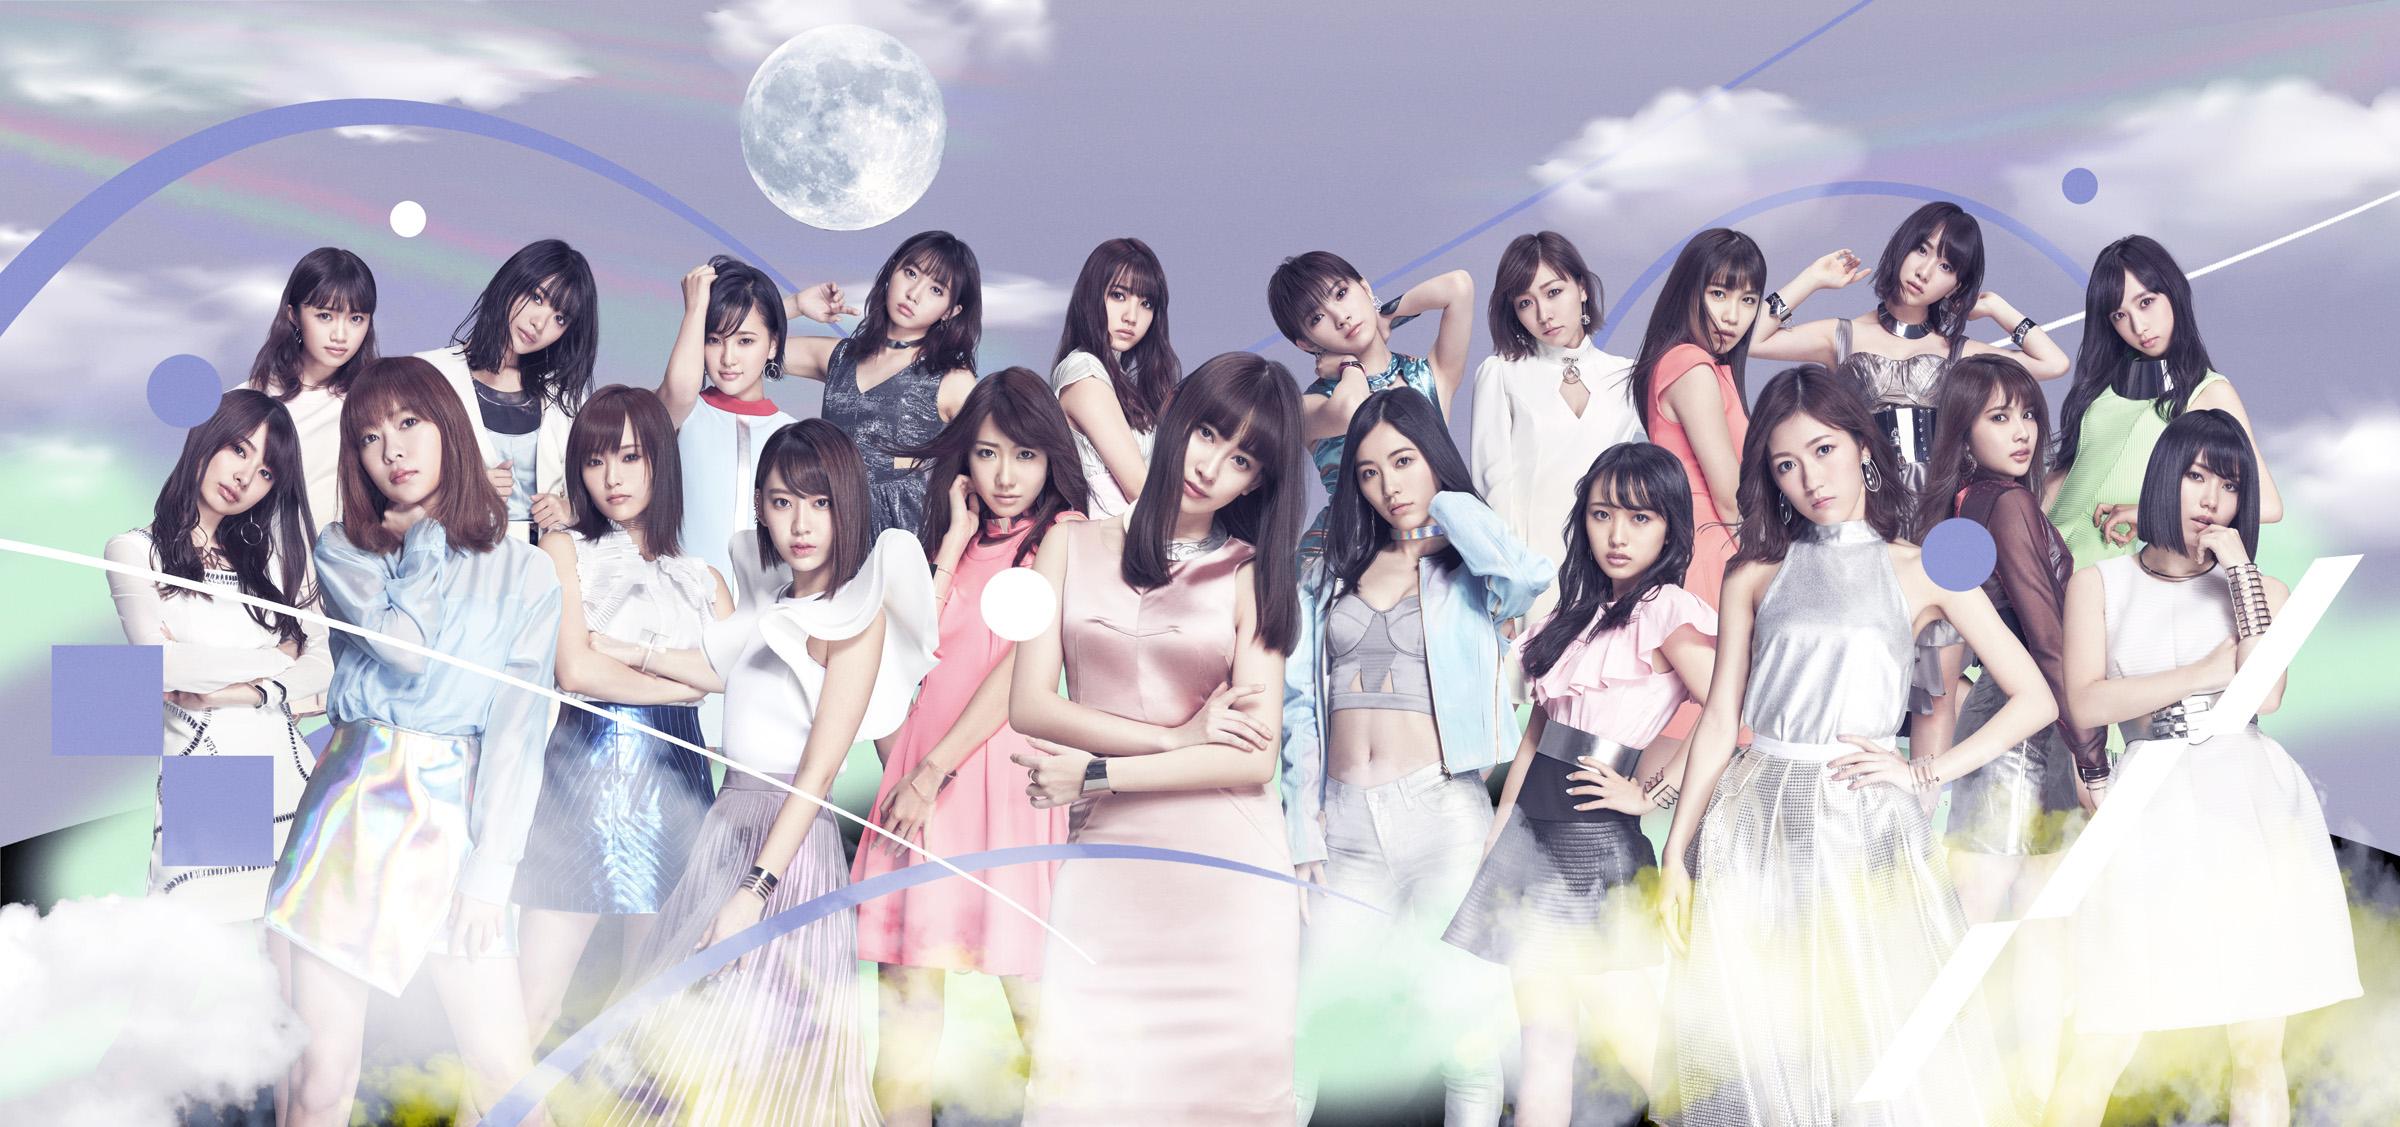 NekoPOP-AKB48-Morning-Musume-Thumbnail-promo1